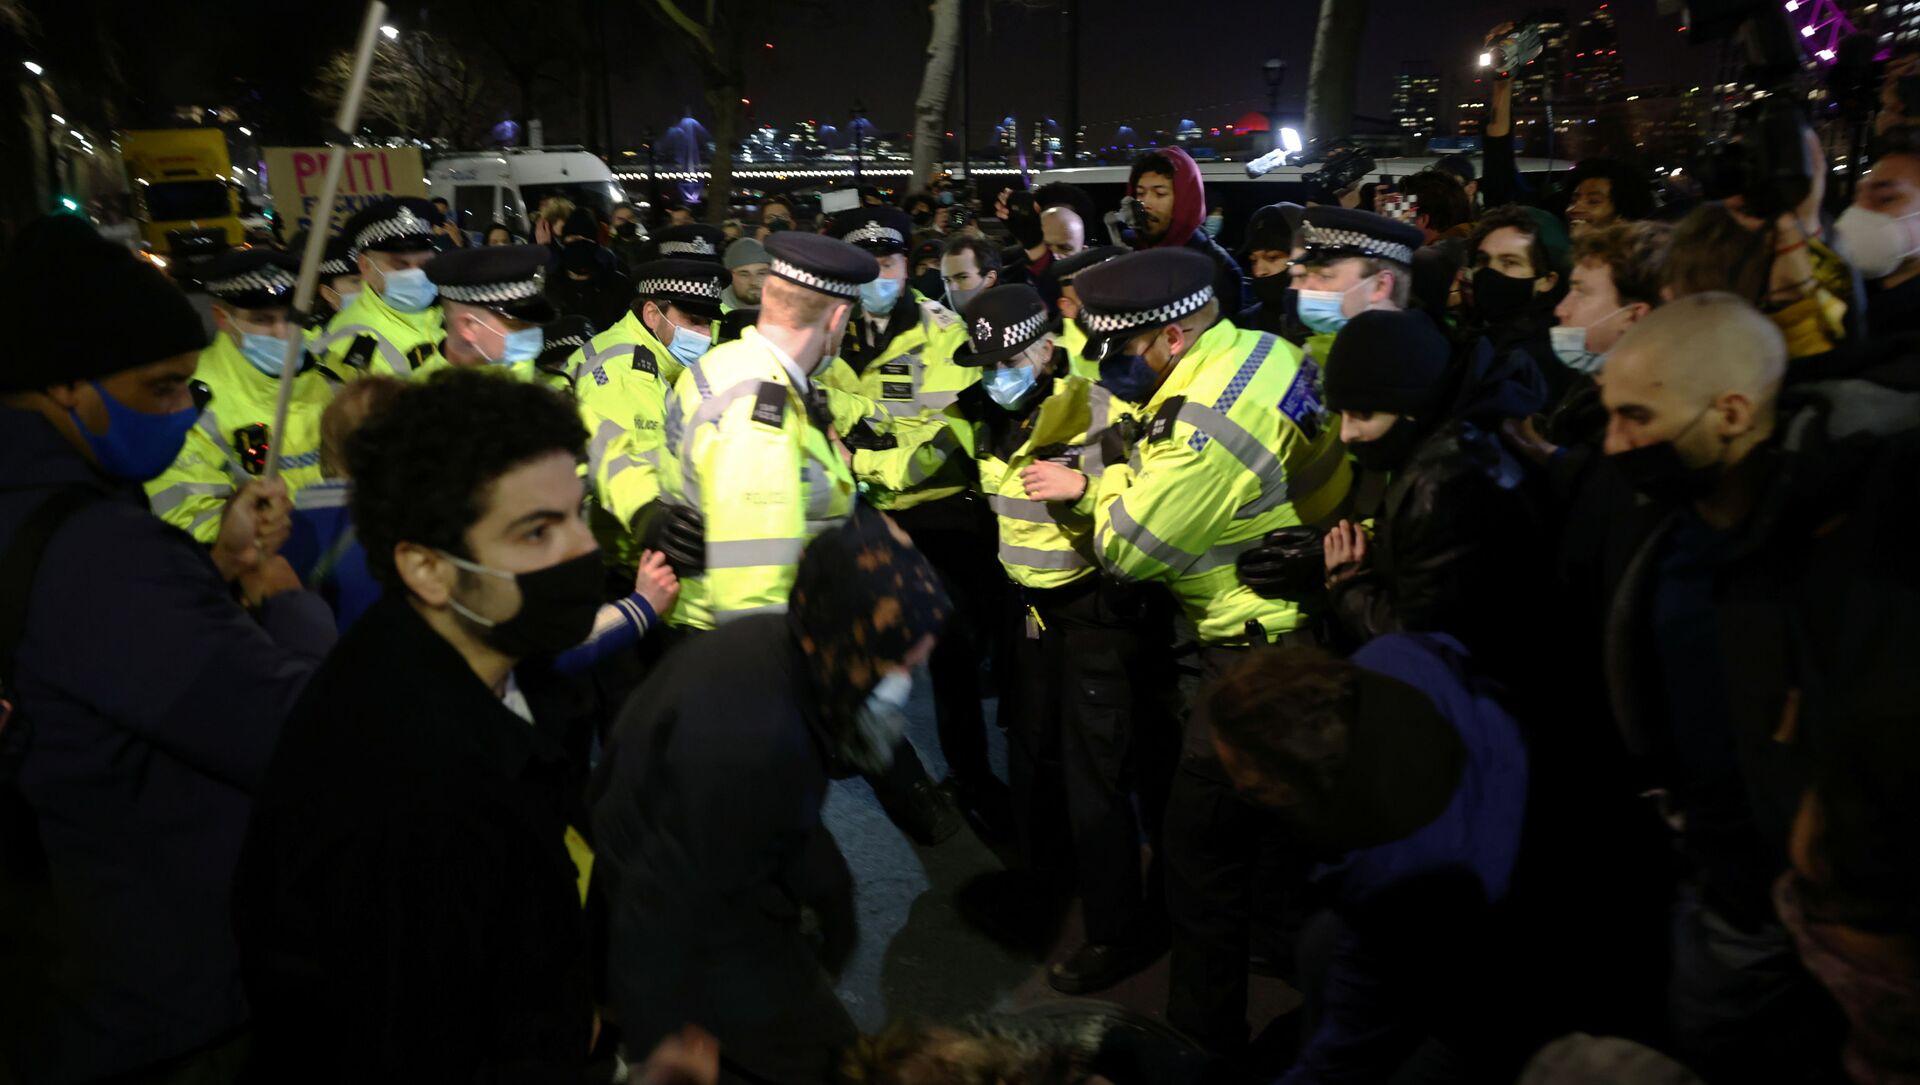 Полиция Лондона разгоняет акцию протеста 13 марта - Sputnik Беларусь, 1920, 18.03.2021